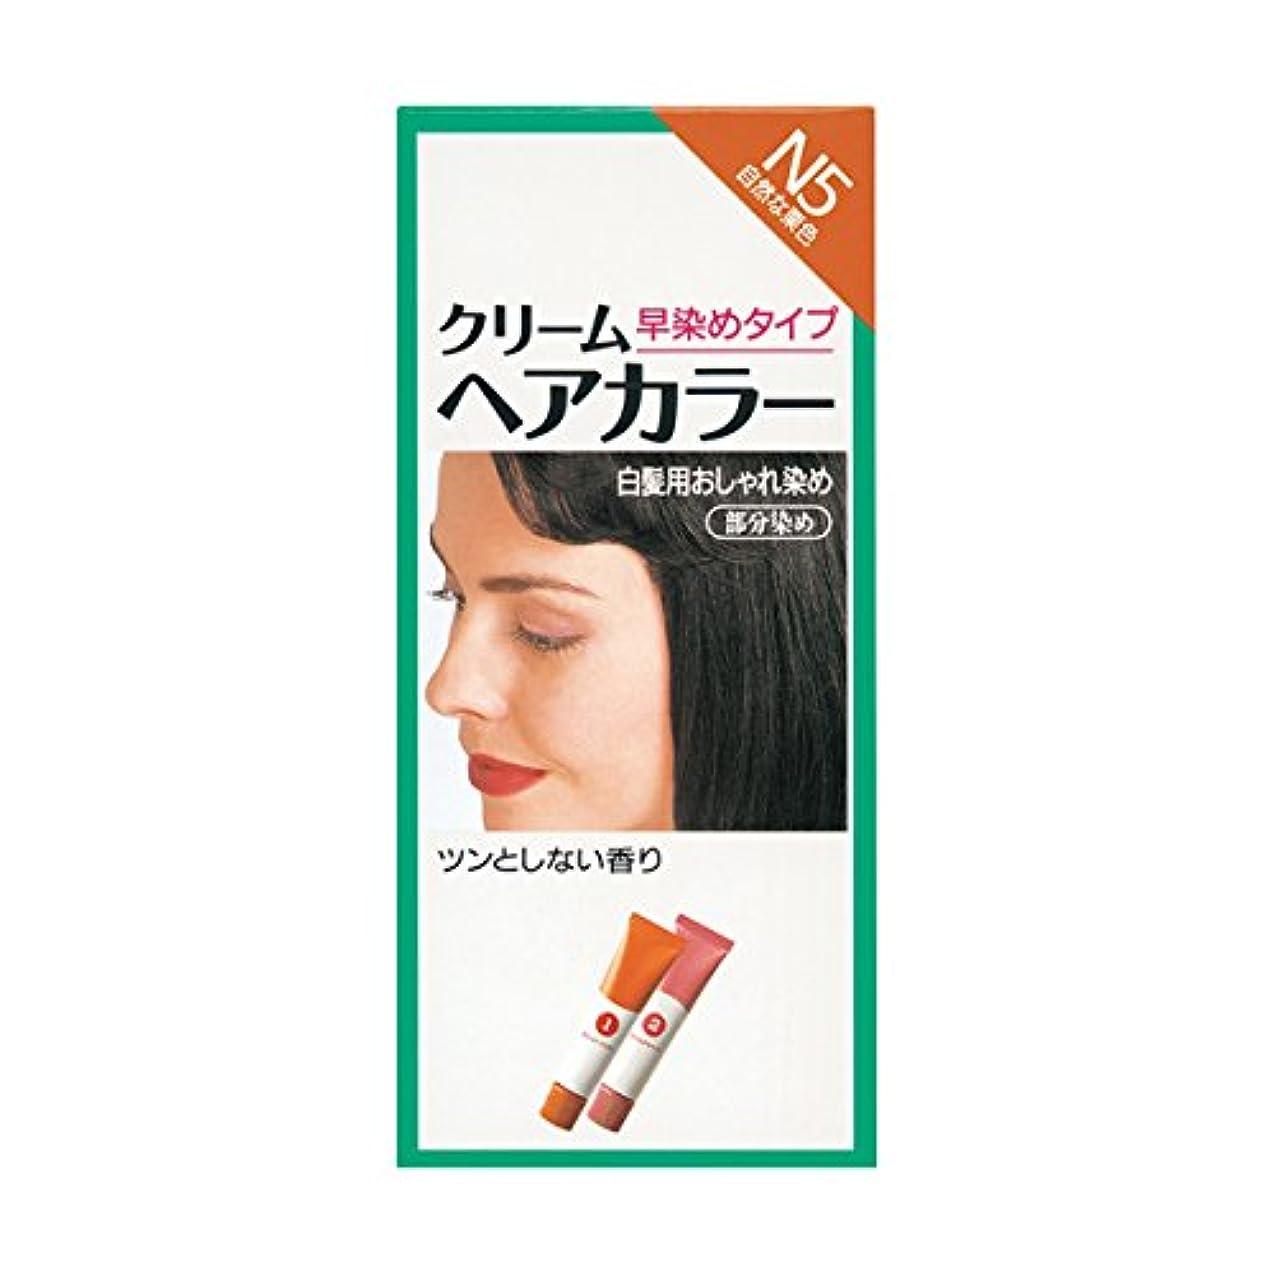 収穫大理石テニスヘアカラー クリームヘアカラーN N5 【医薬部外品】